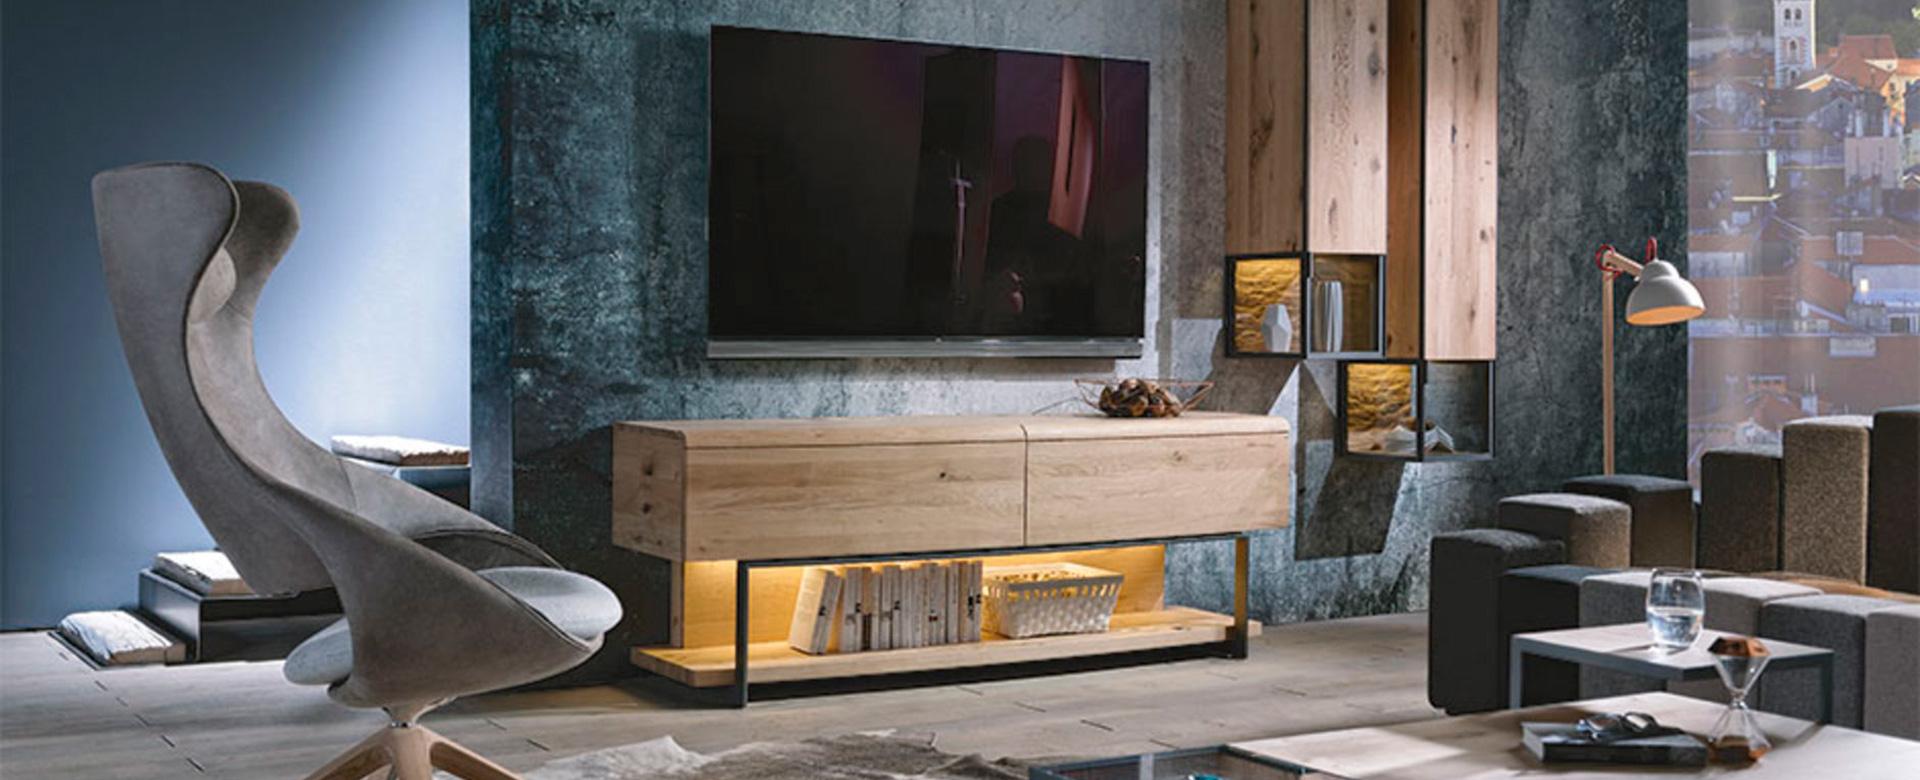 m bel und k chen in laubach mayen und wittlich. Black Bedroom Furniture Sets. Home Design Ideas